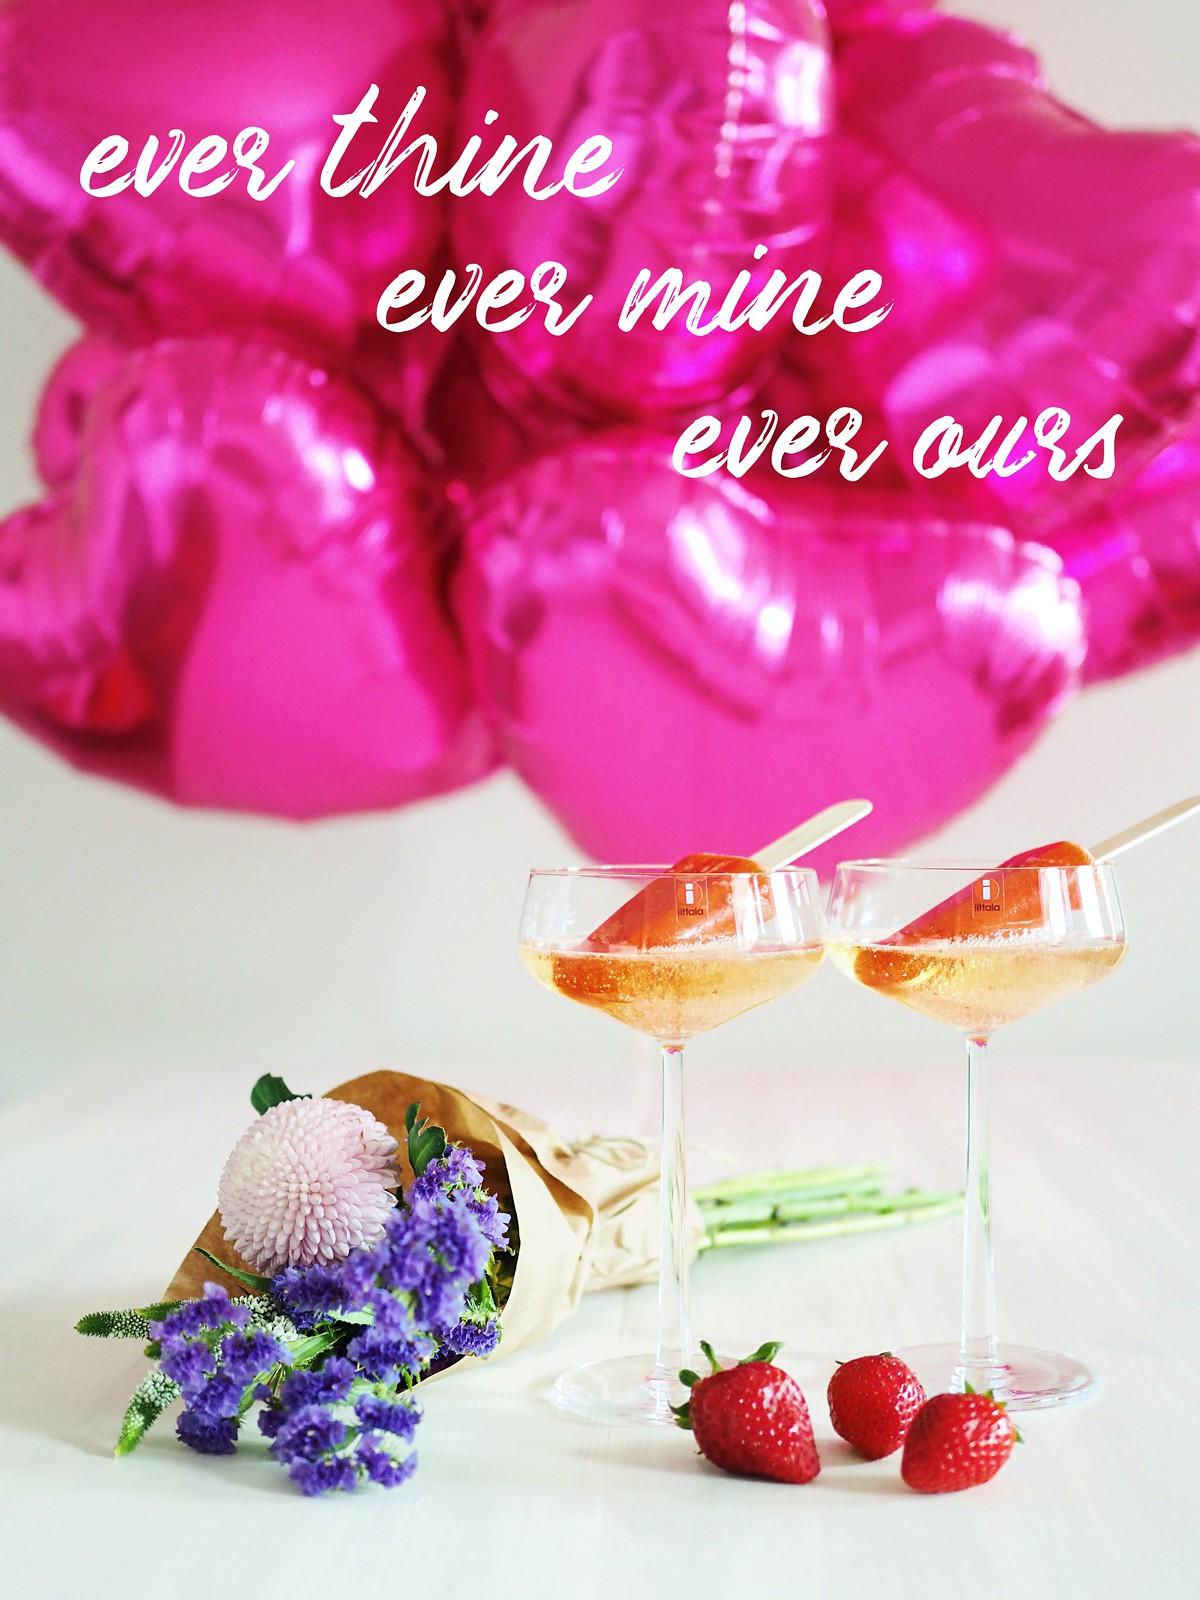 ever.mine